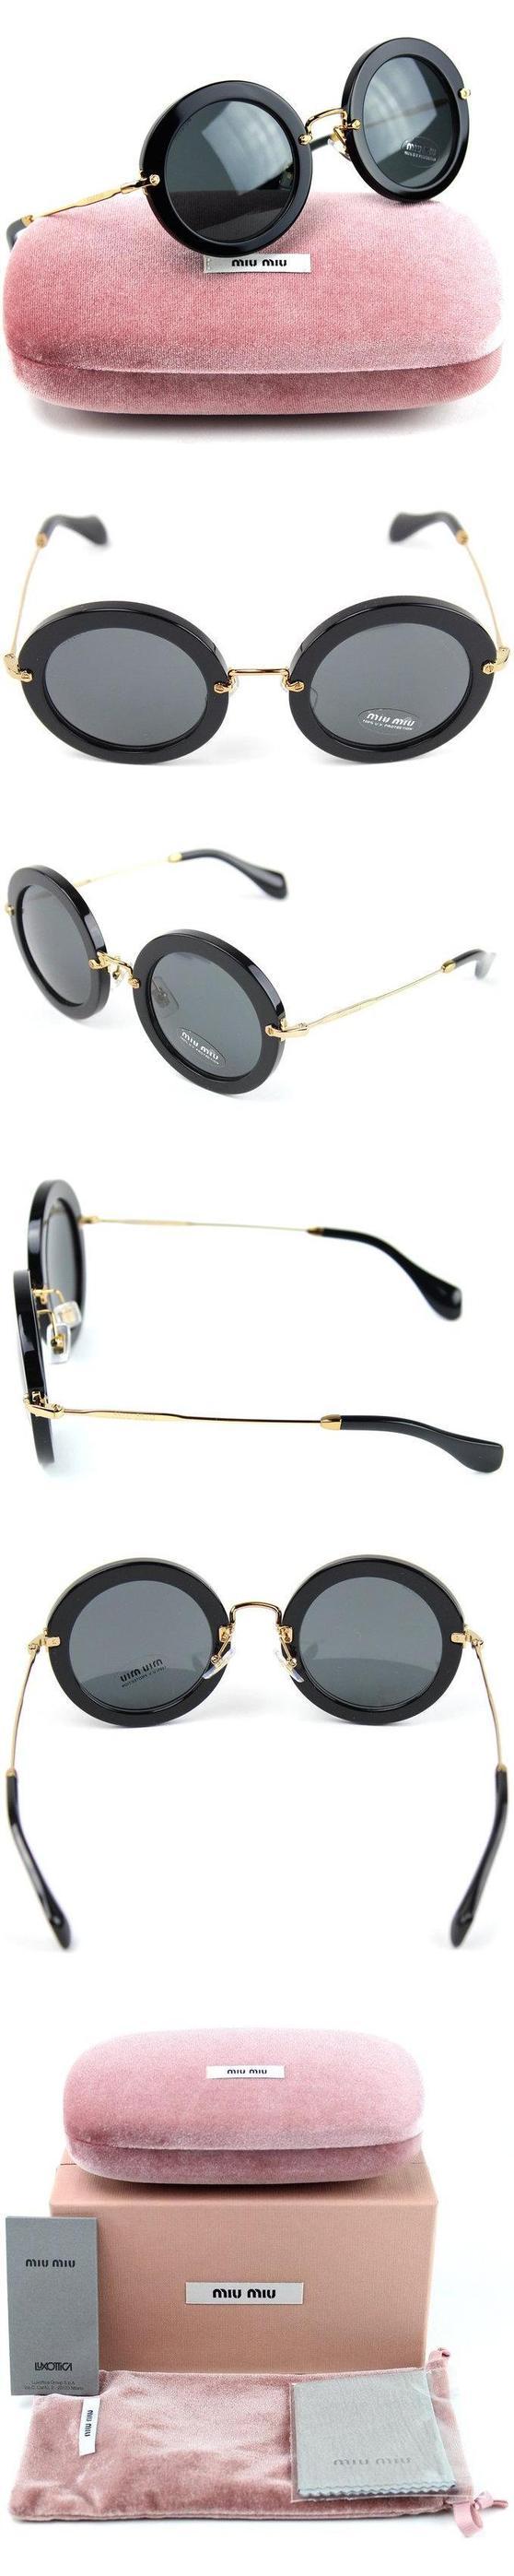 955a84ad7e79 Miu Miu MU 13NS Noir Round Sunglasses Black Frame   Grey Lens (1AB ...